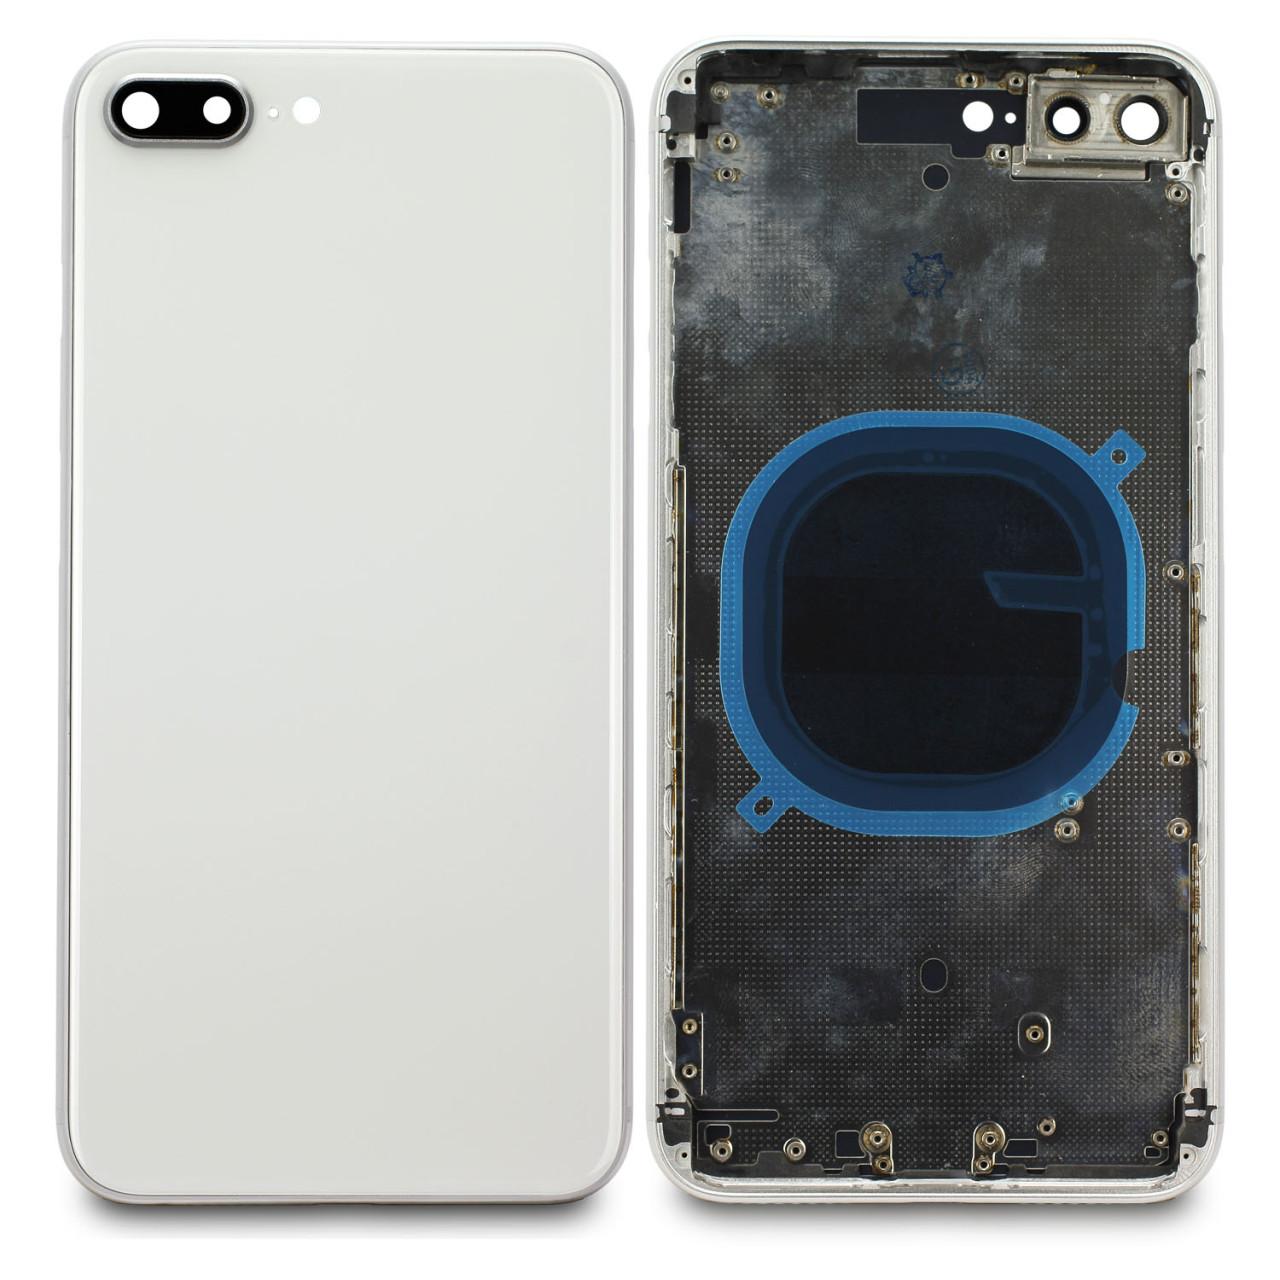 Apple Silbernes Cover (ohne Logo) für Rückseite, inkl. Tastenset und SIM-Halter, pa...